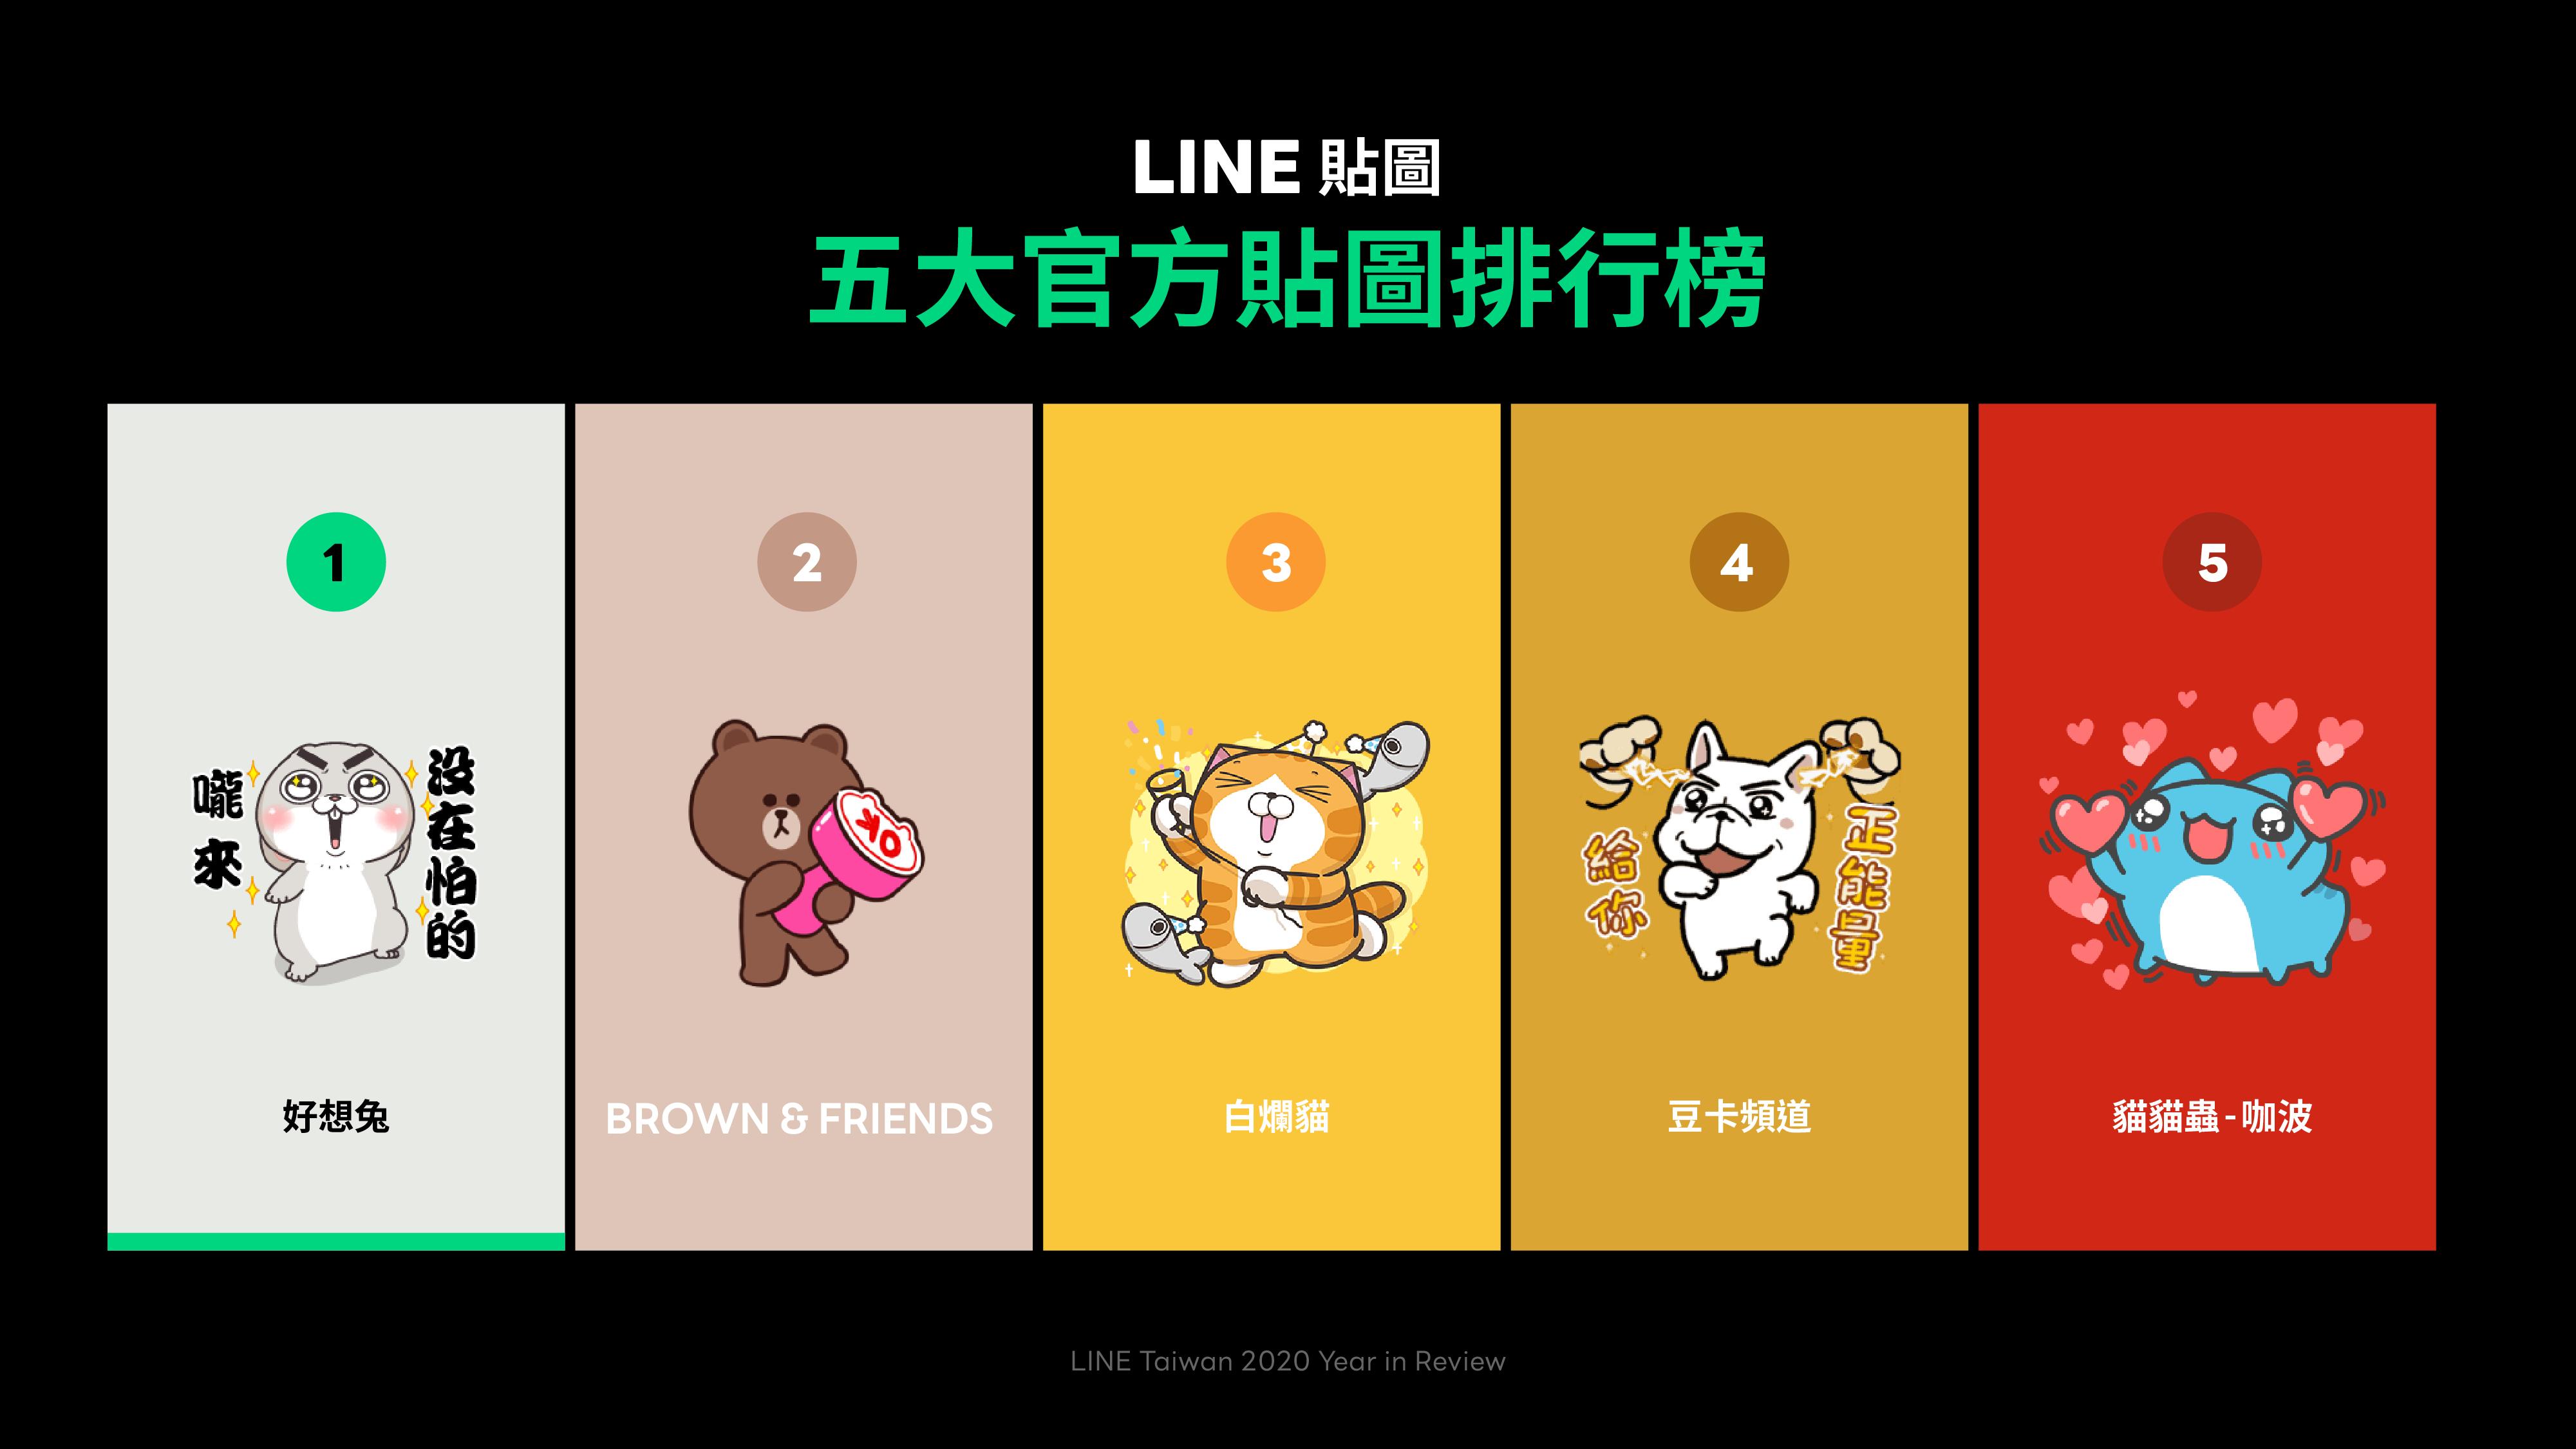 LINE公布年度貼圖跟LINE WEBTOON排行榜